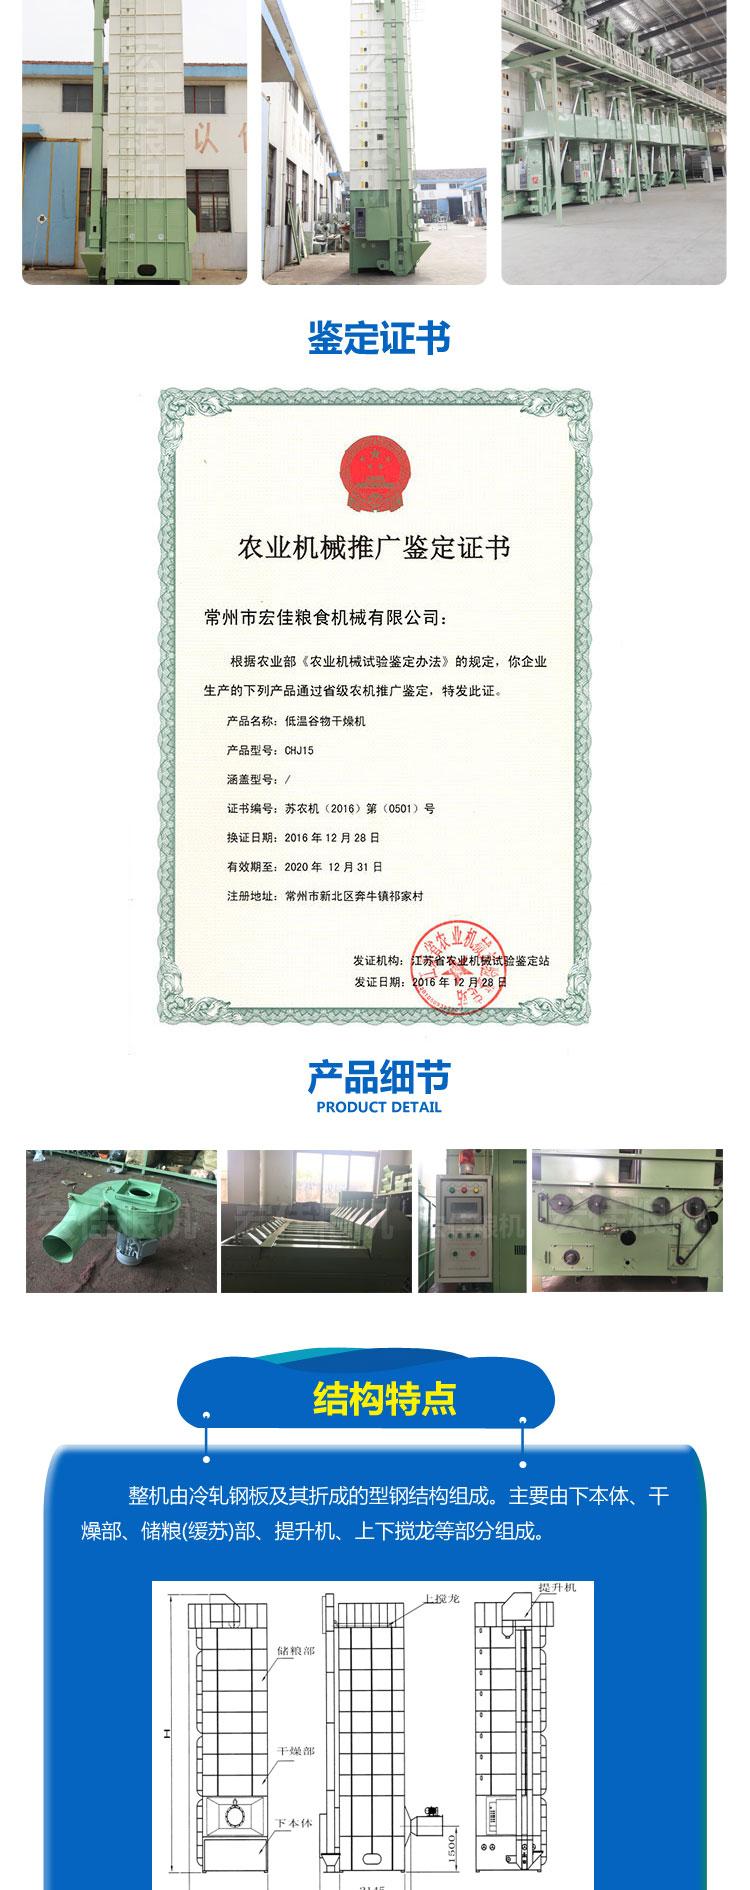 低温谷物干燥机-详情21_03.jpg